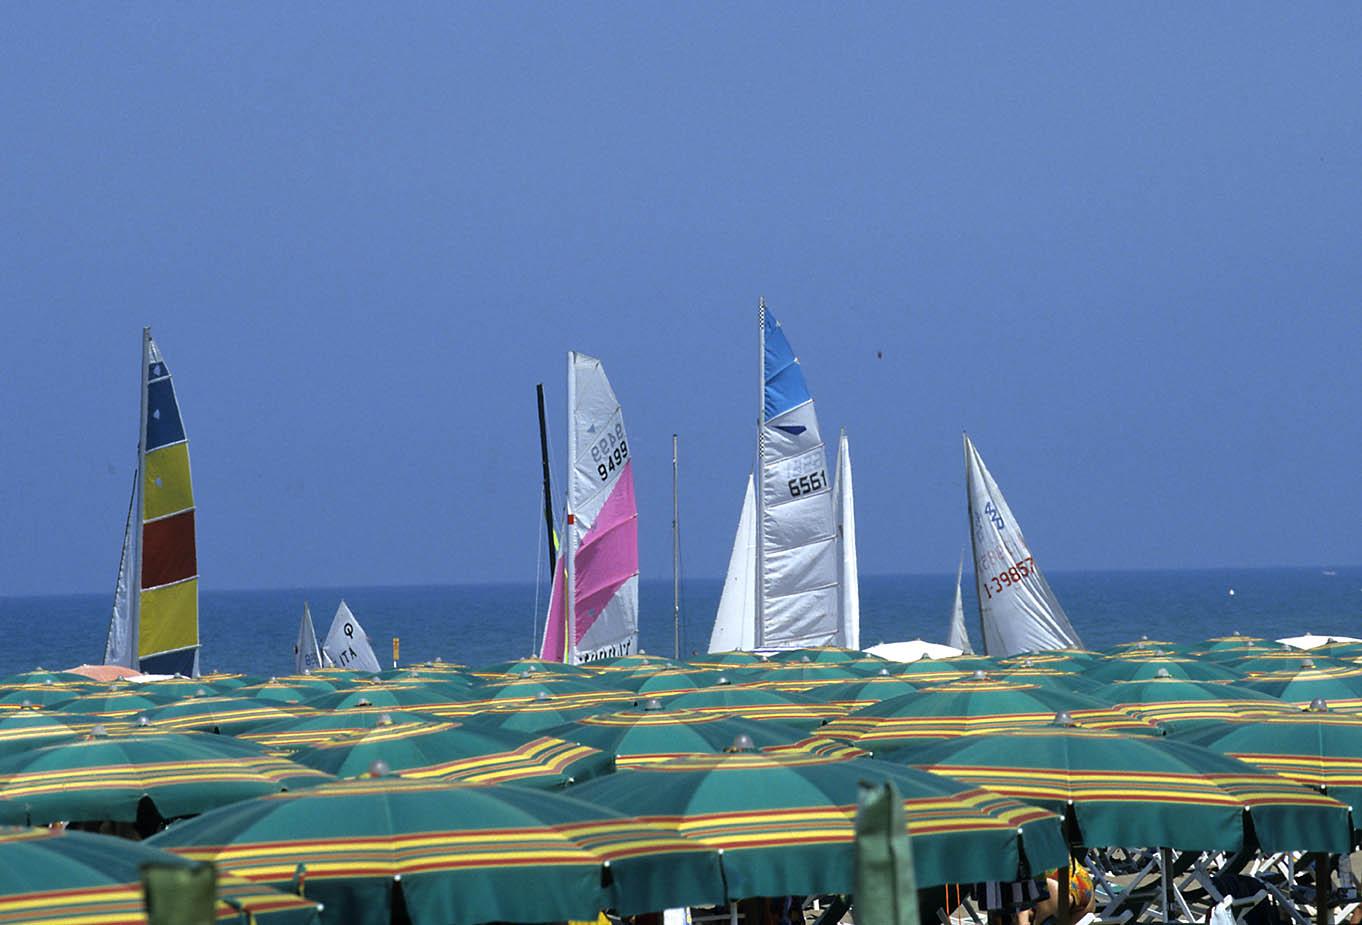 ITALIA, TOSCANA, COSTA DEGLI ETRUSCHI, Castagneto Carducci (LI): Marina di Donoratico, spiaggia.